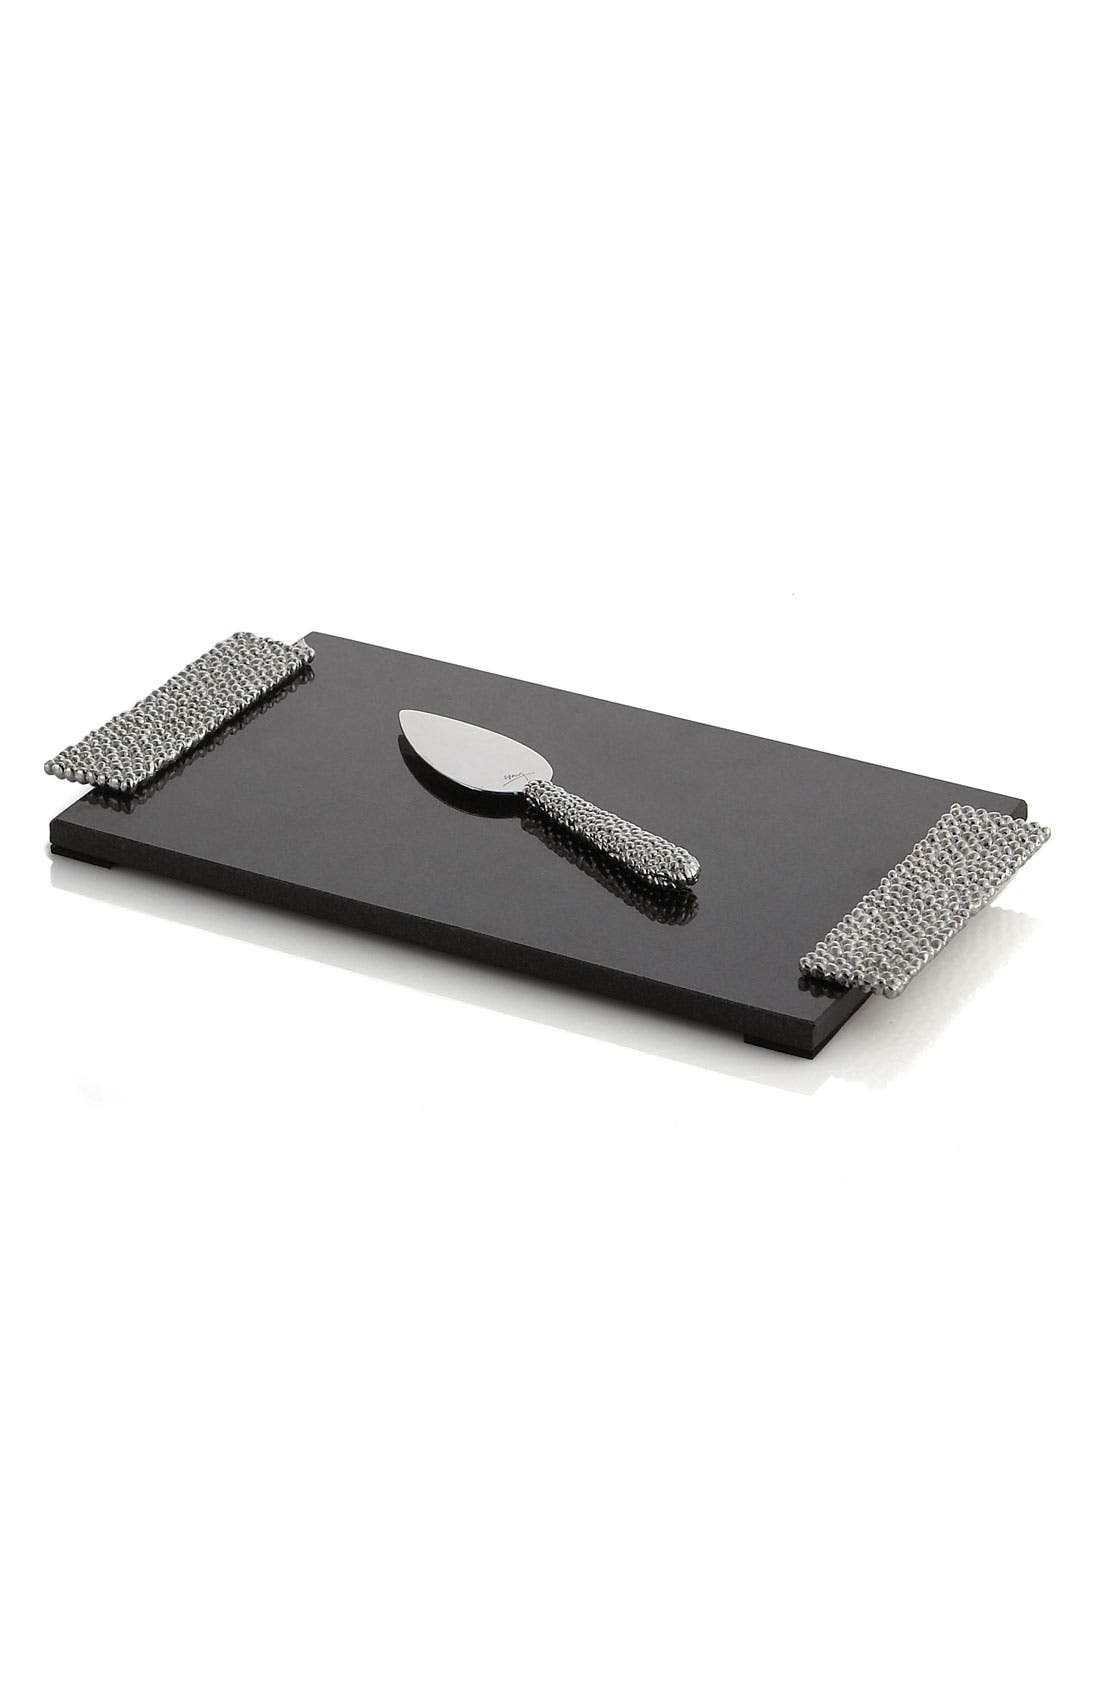 Michael Aram 'Molten' Cheeseboard & Knife